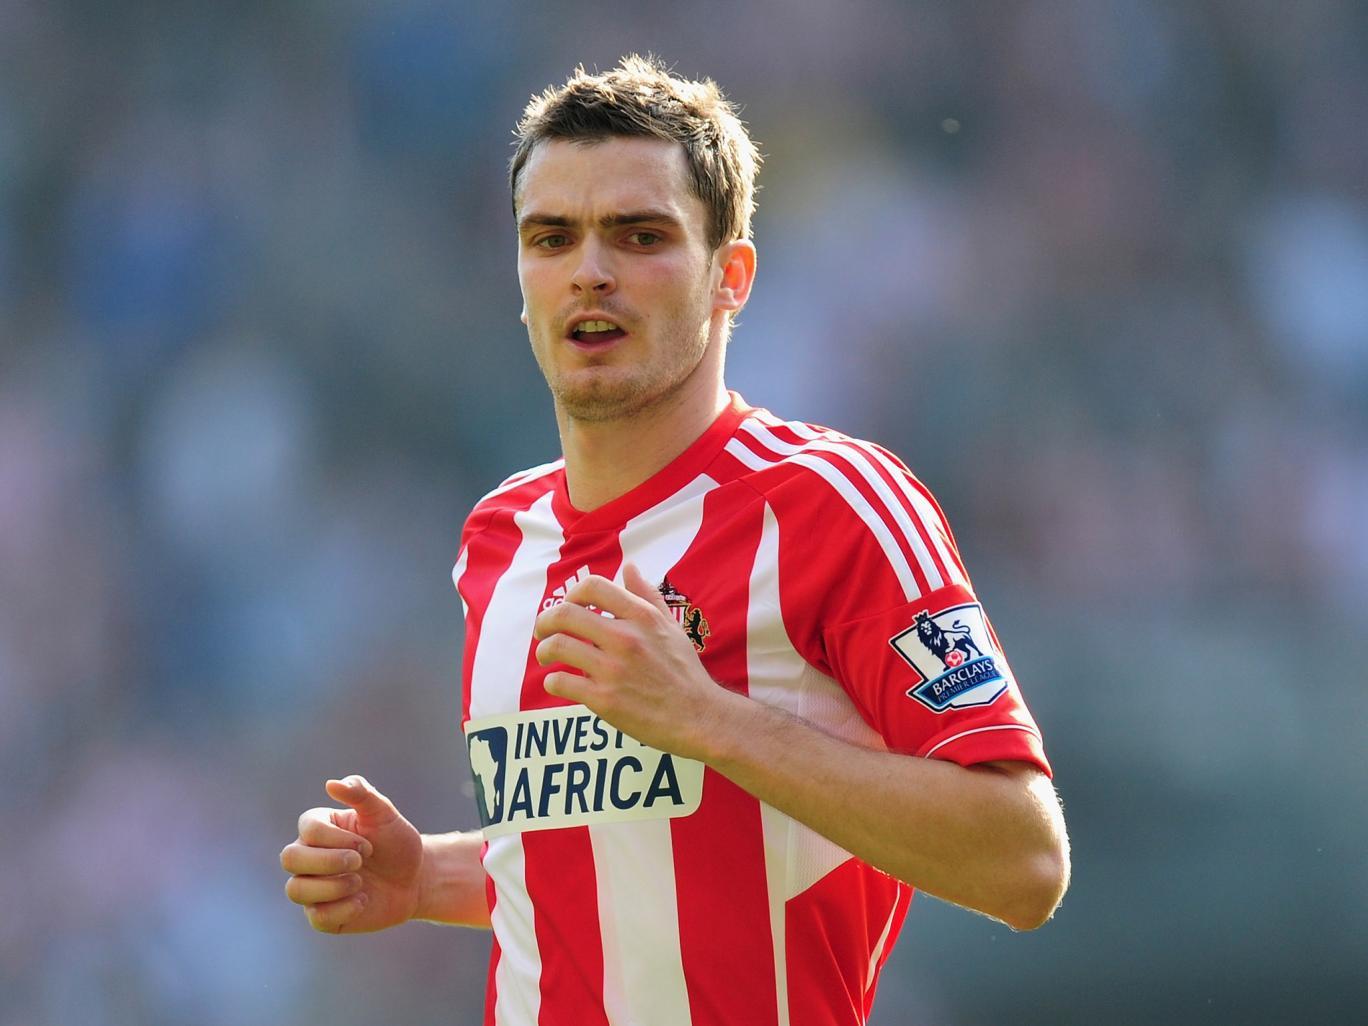 Sunderland Footballer